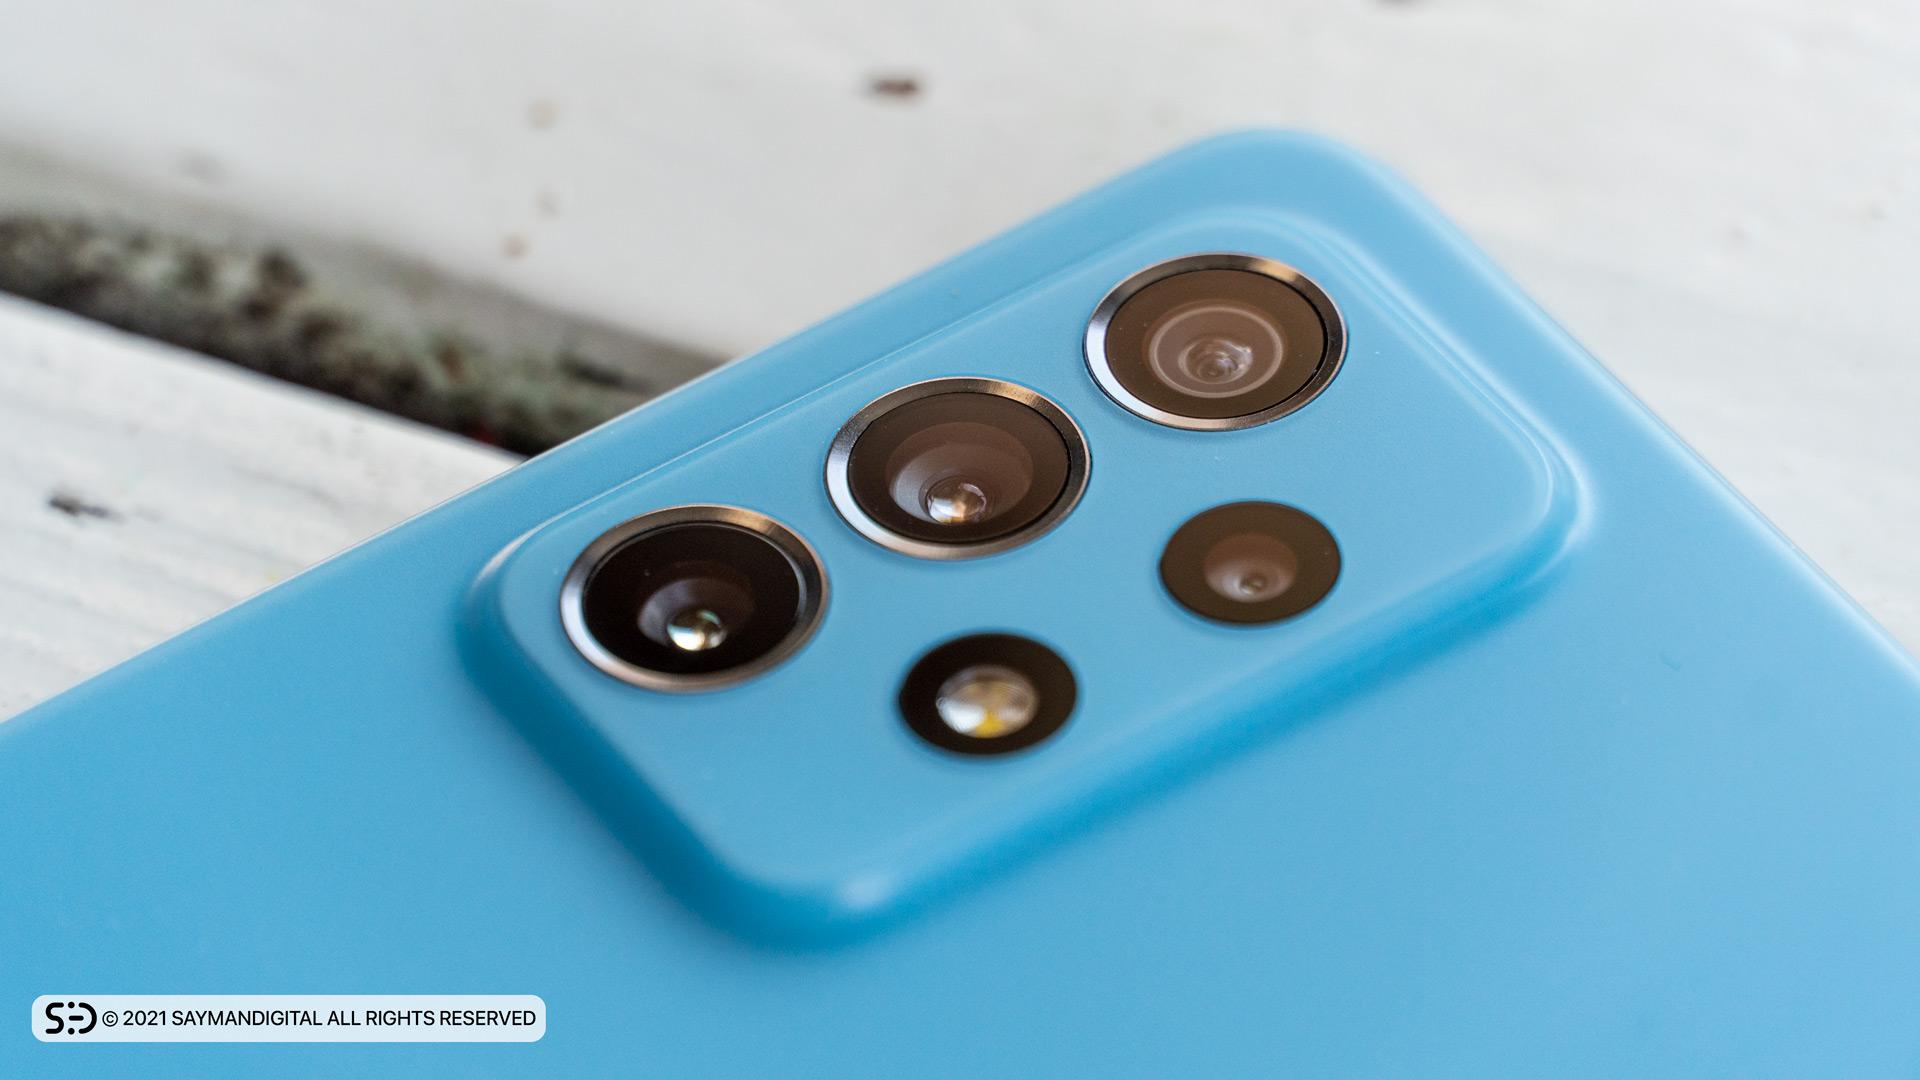 چیدمان لنز دوربینها در مطلب بررسی گلکسی A72